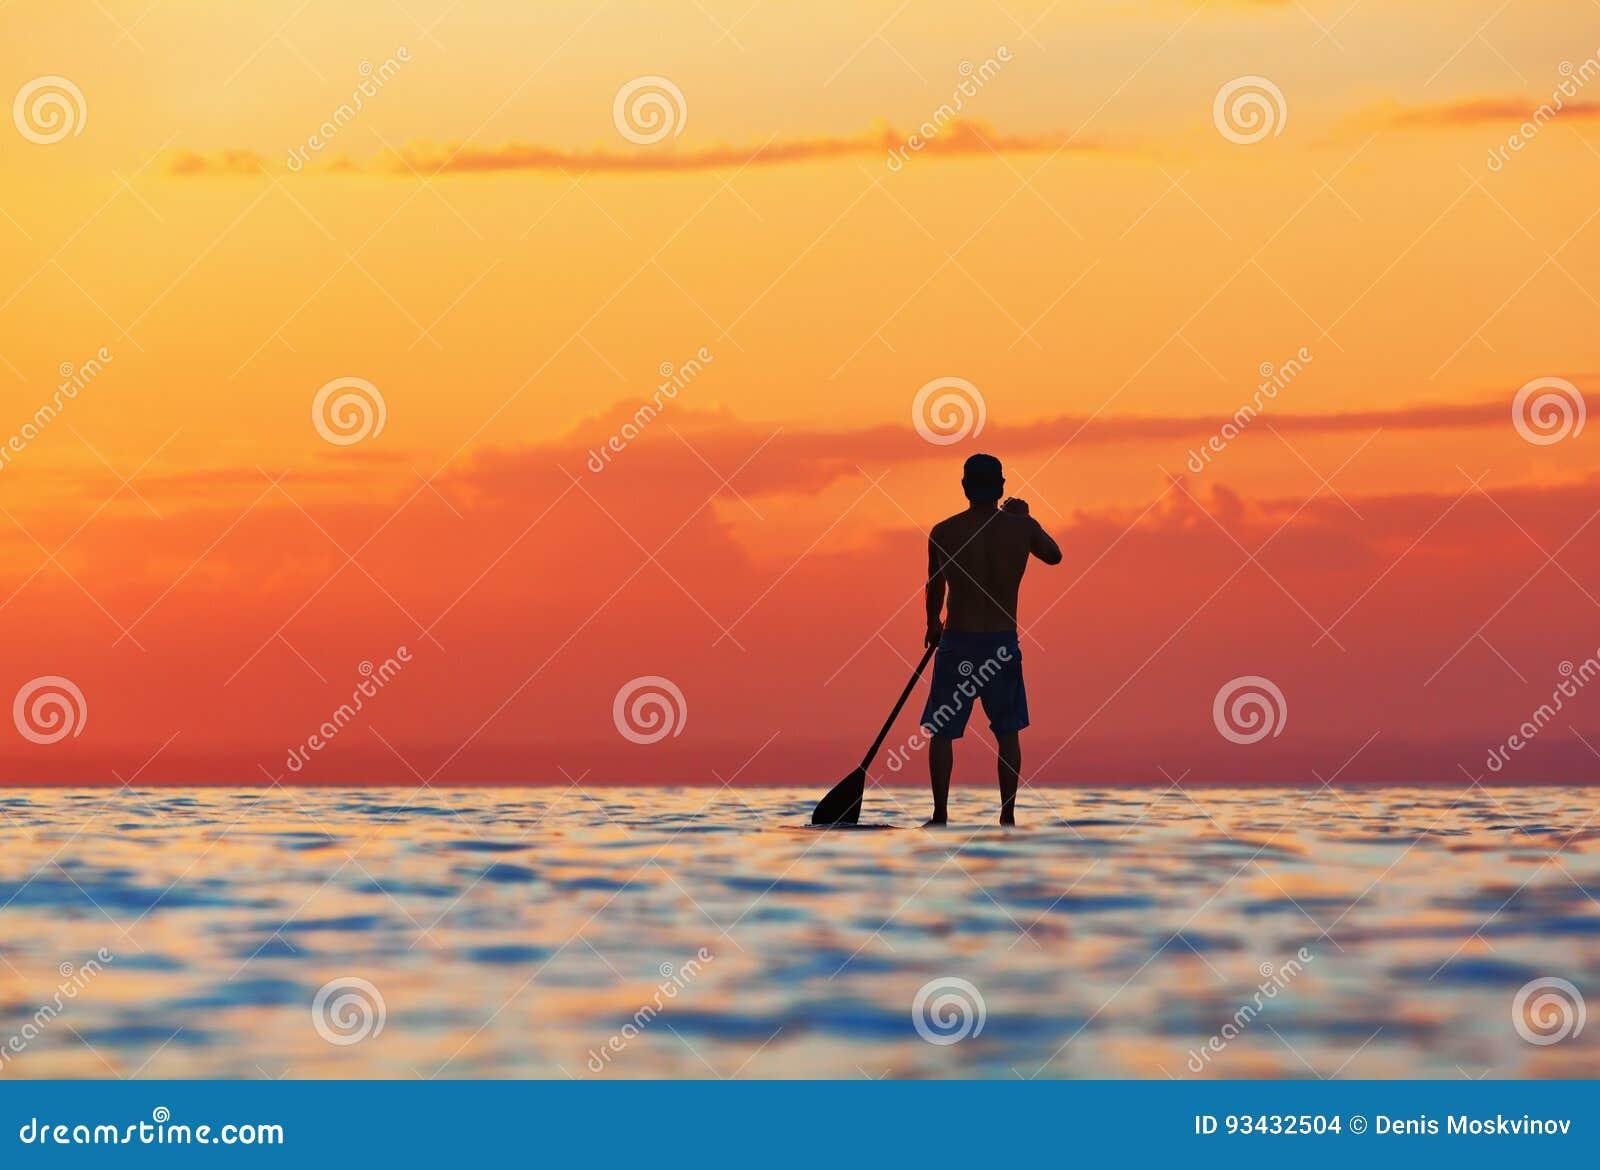 Μαύρη σκιαγραφία ηλιοβασιλέματος του οικότροφου κουπιών που στέκεται στη ΓΟΥΛΙΑ